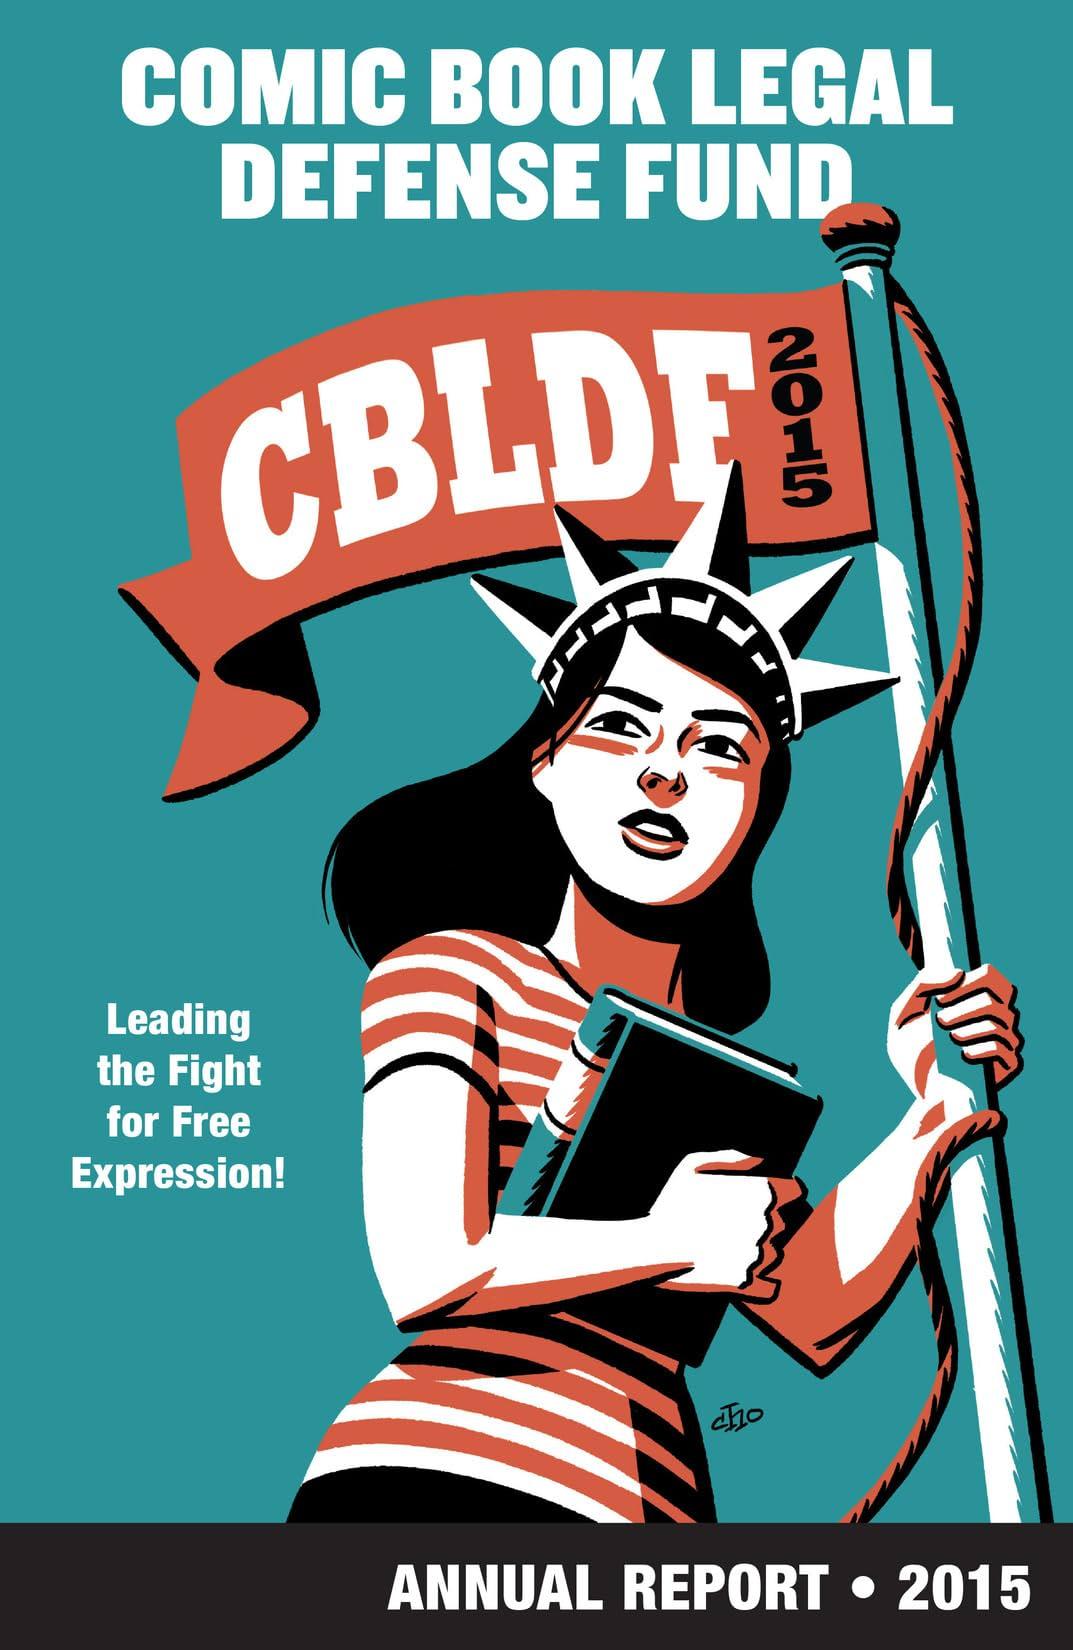 CBLDF Annual Report 2015